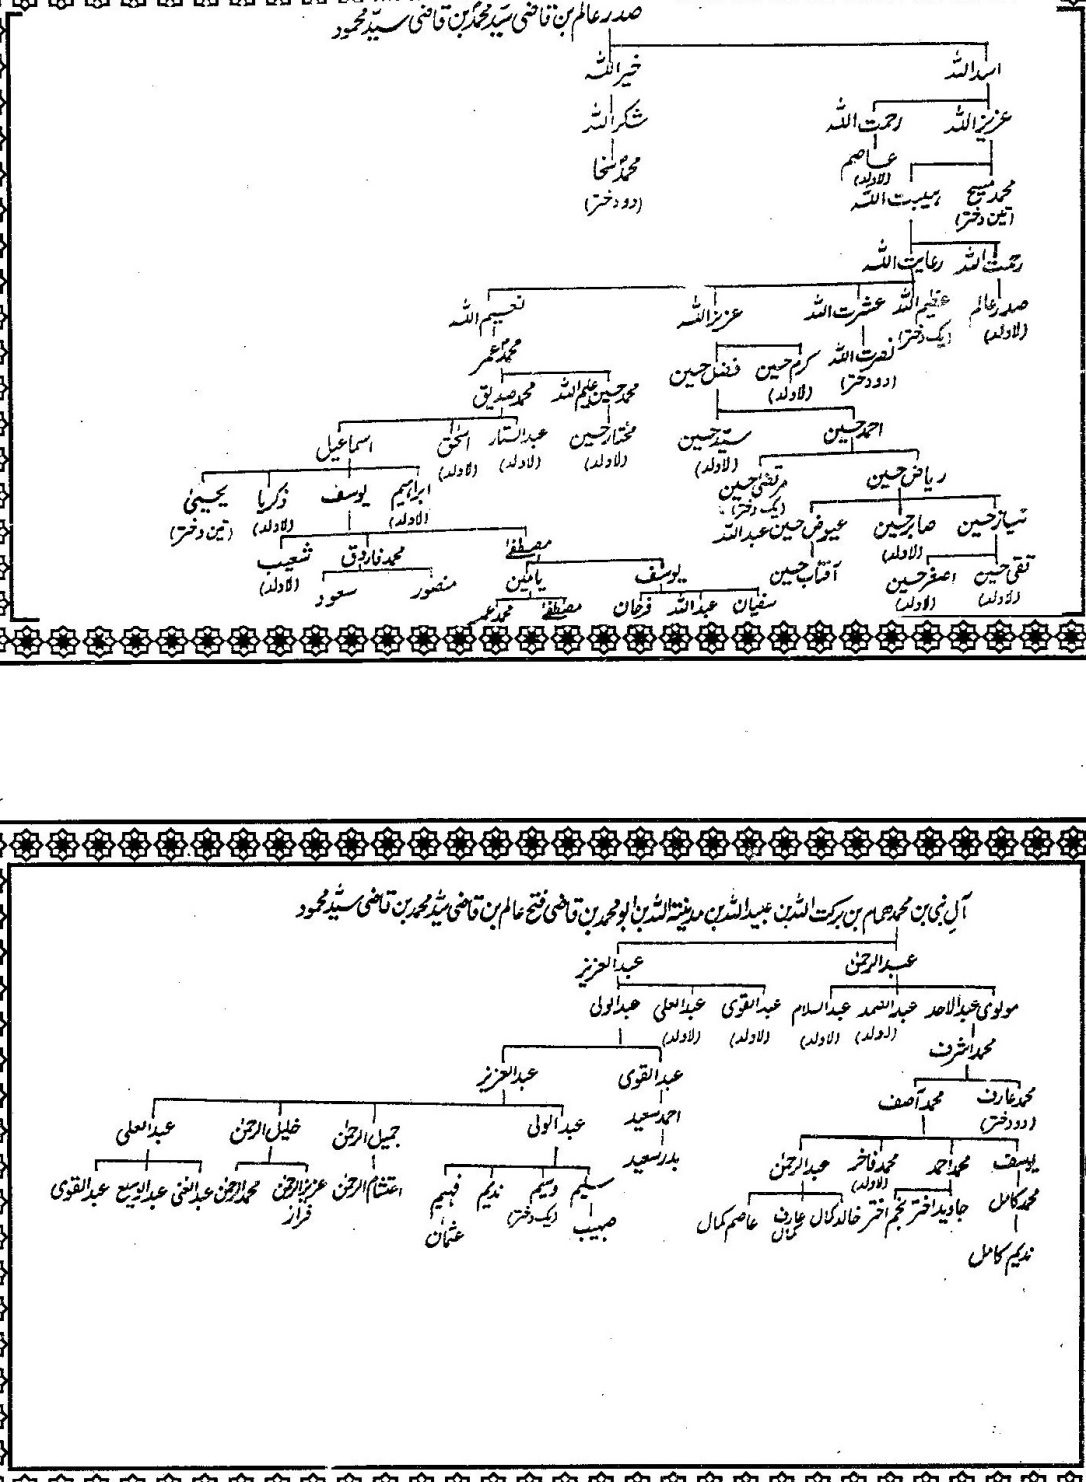 Shajra Aulad Shah Ilmullah-4